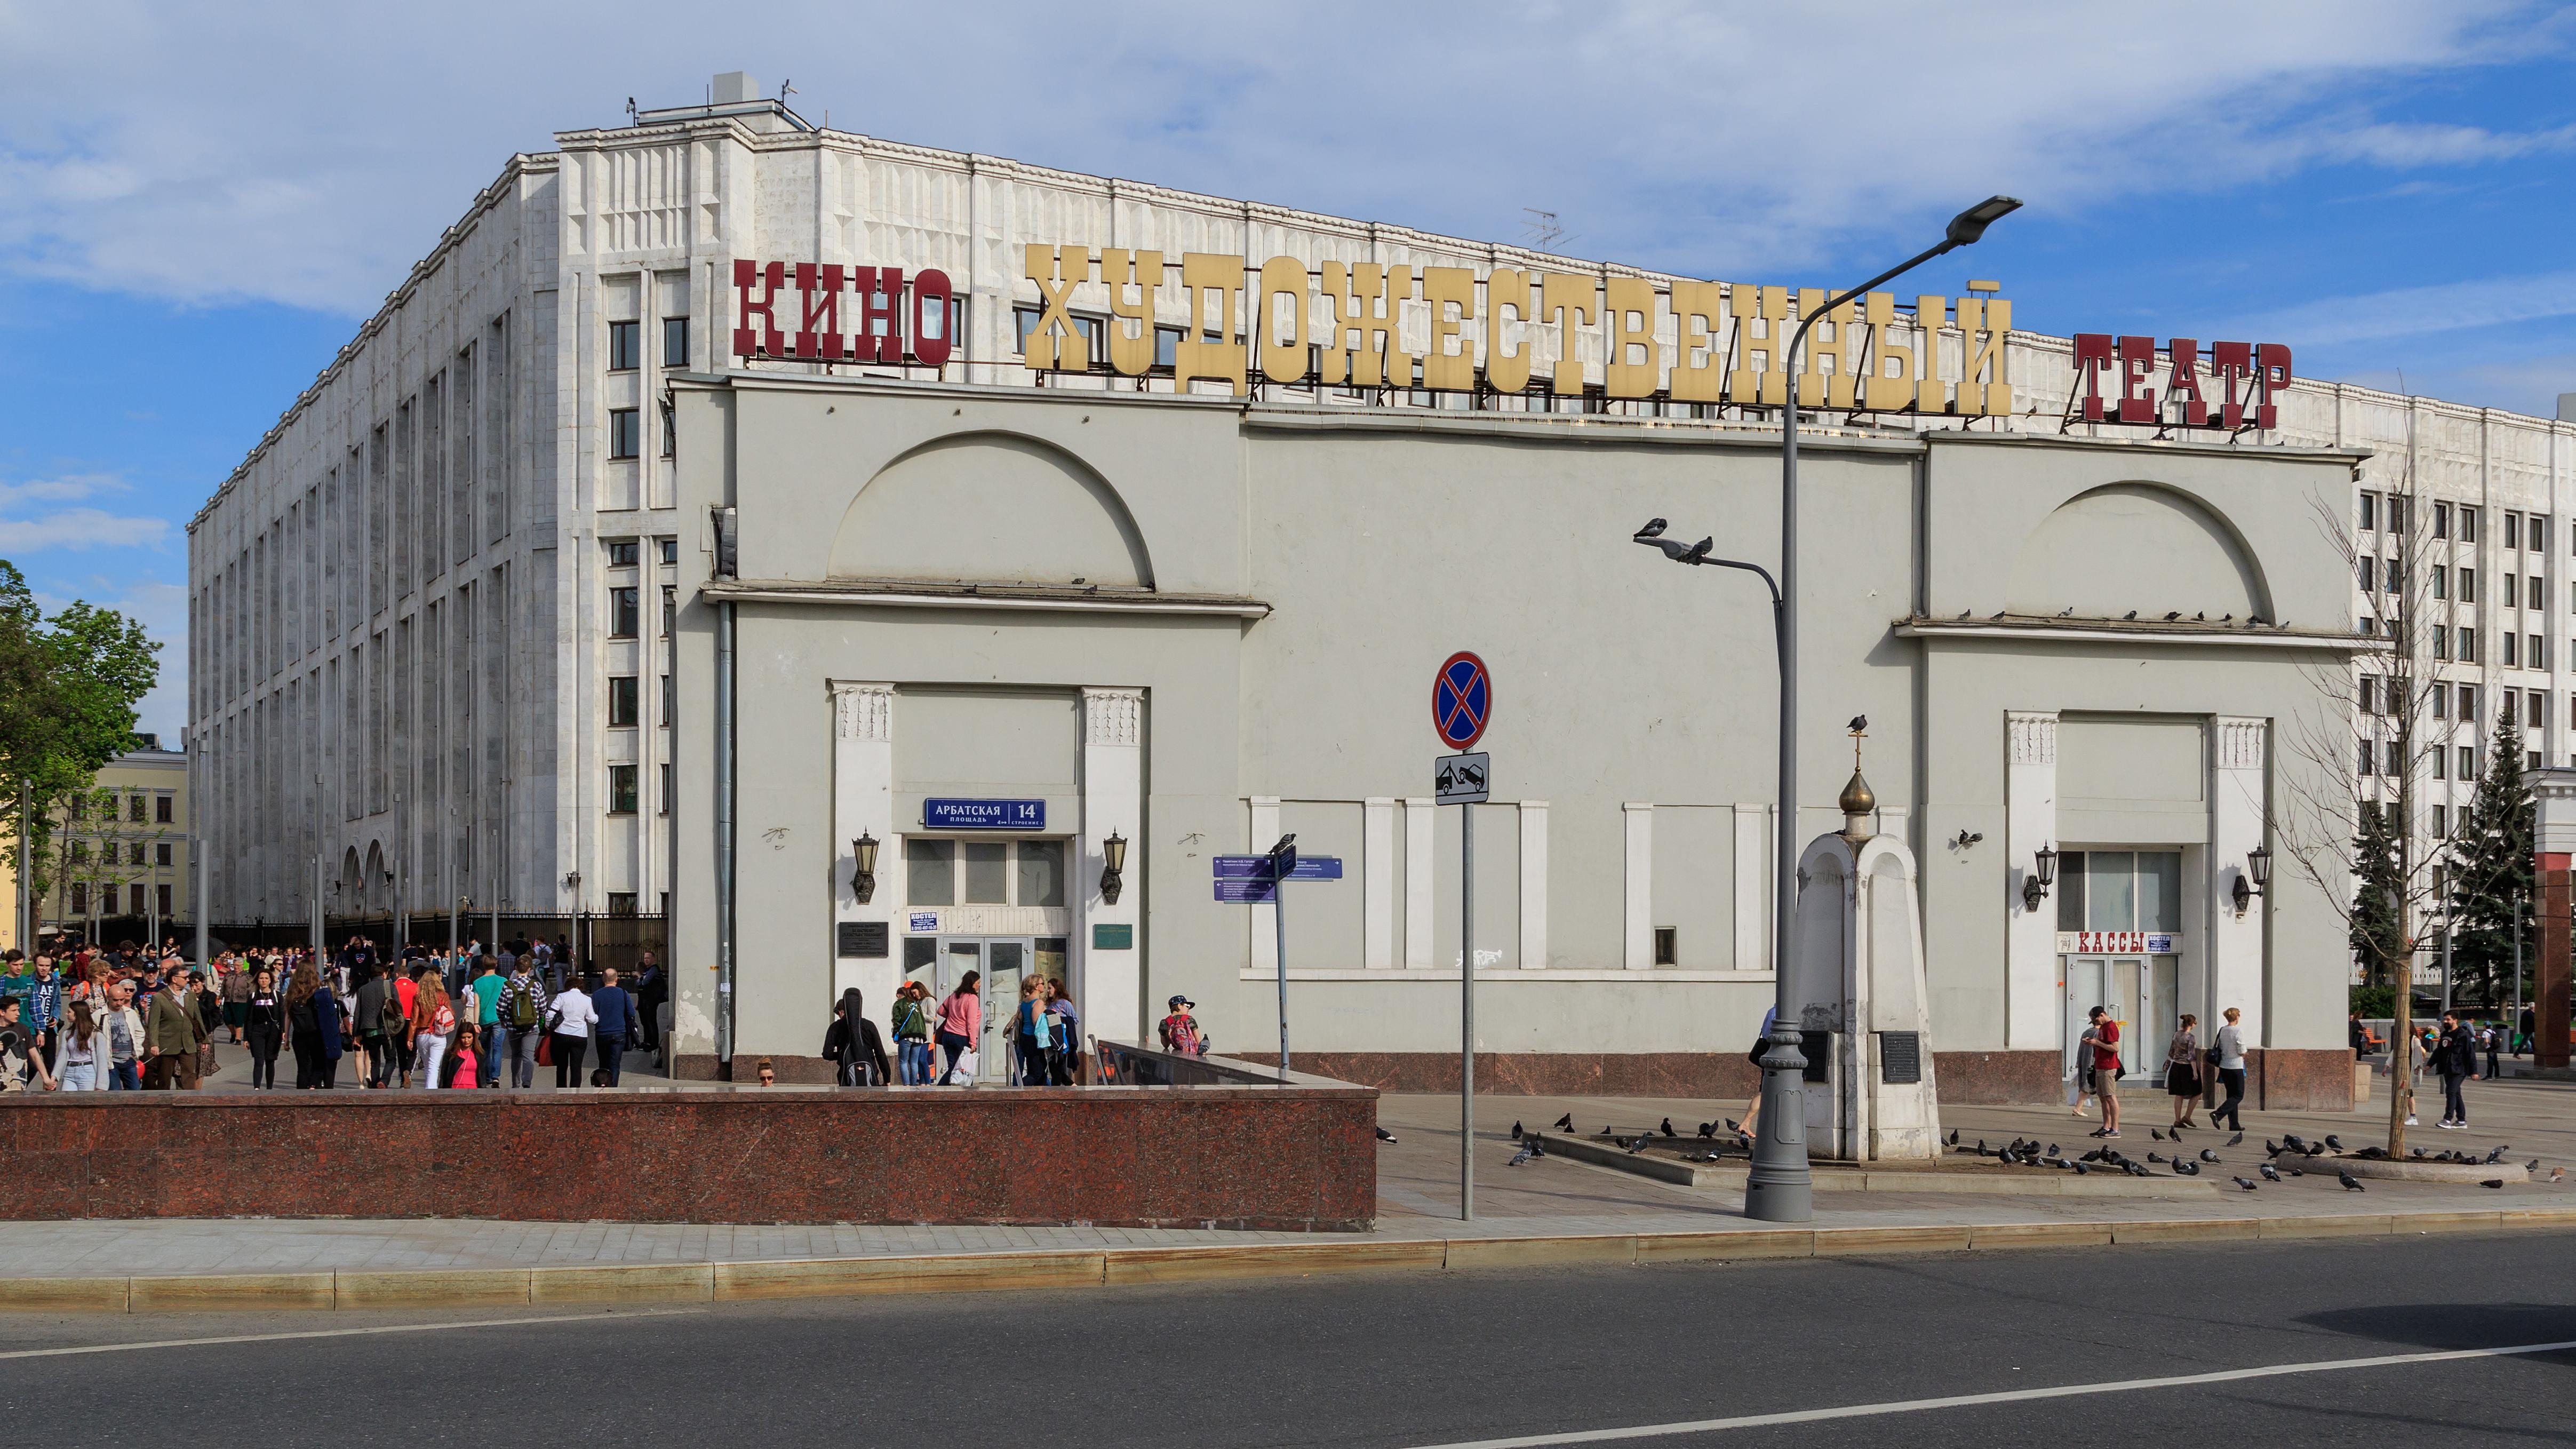 Афиша кино художественный москва театр юного зрителя брянск официальный сайт афиша цена